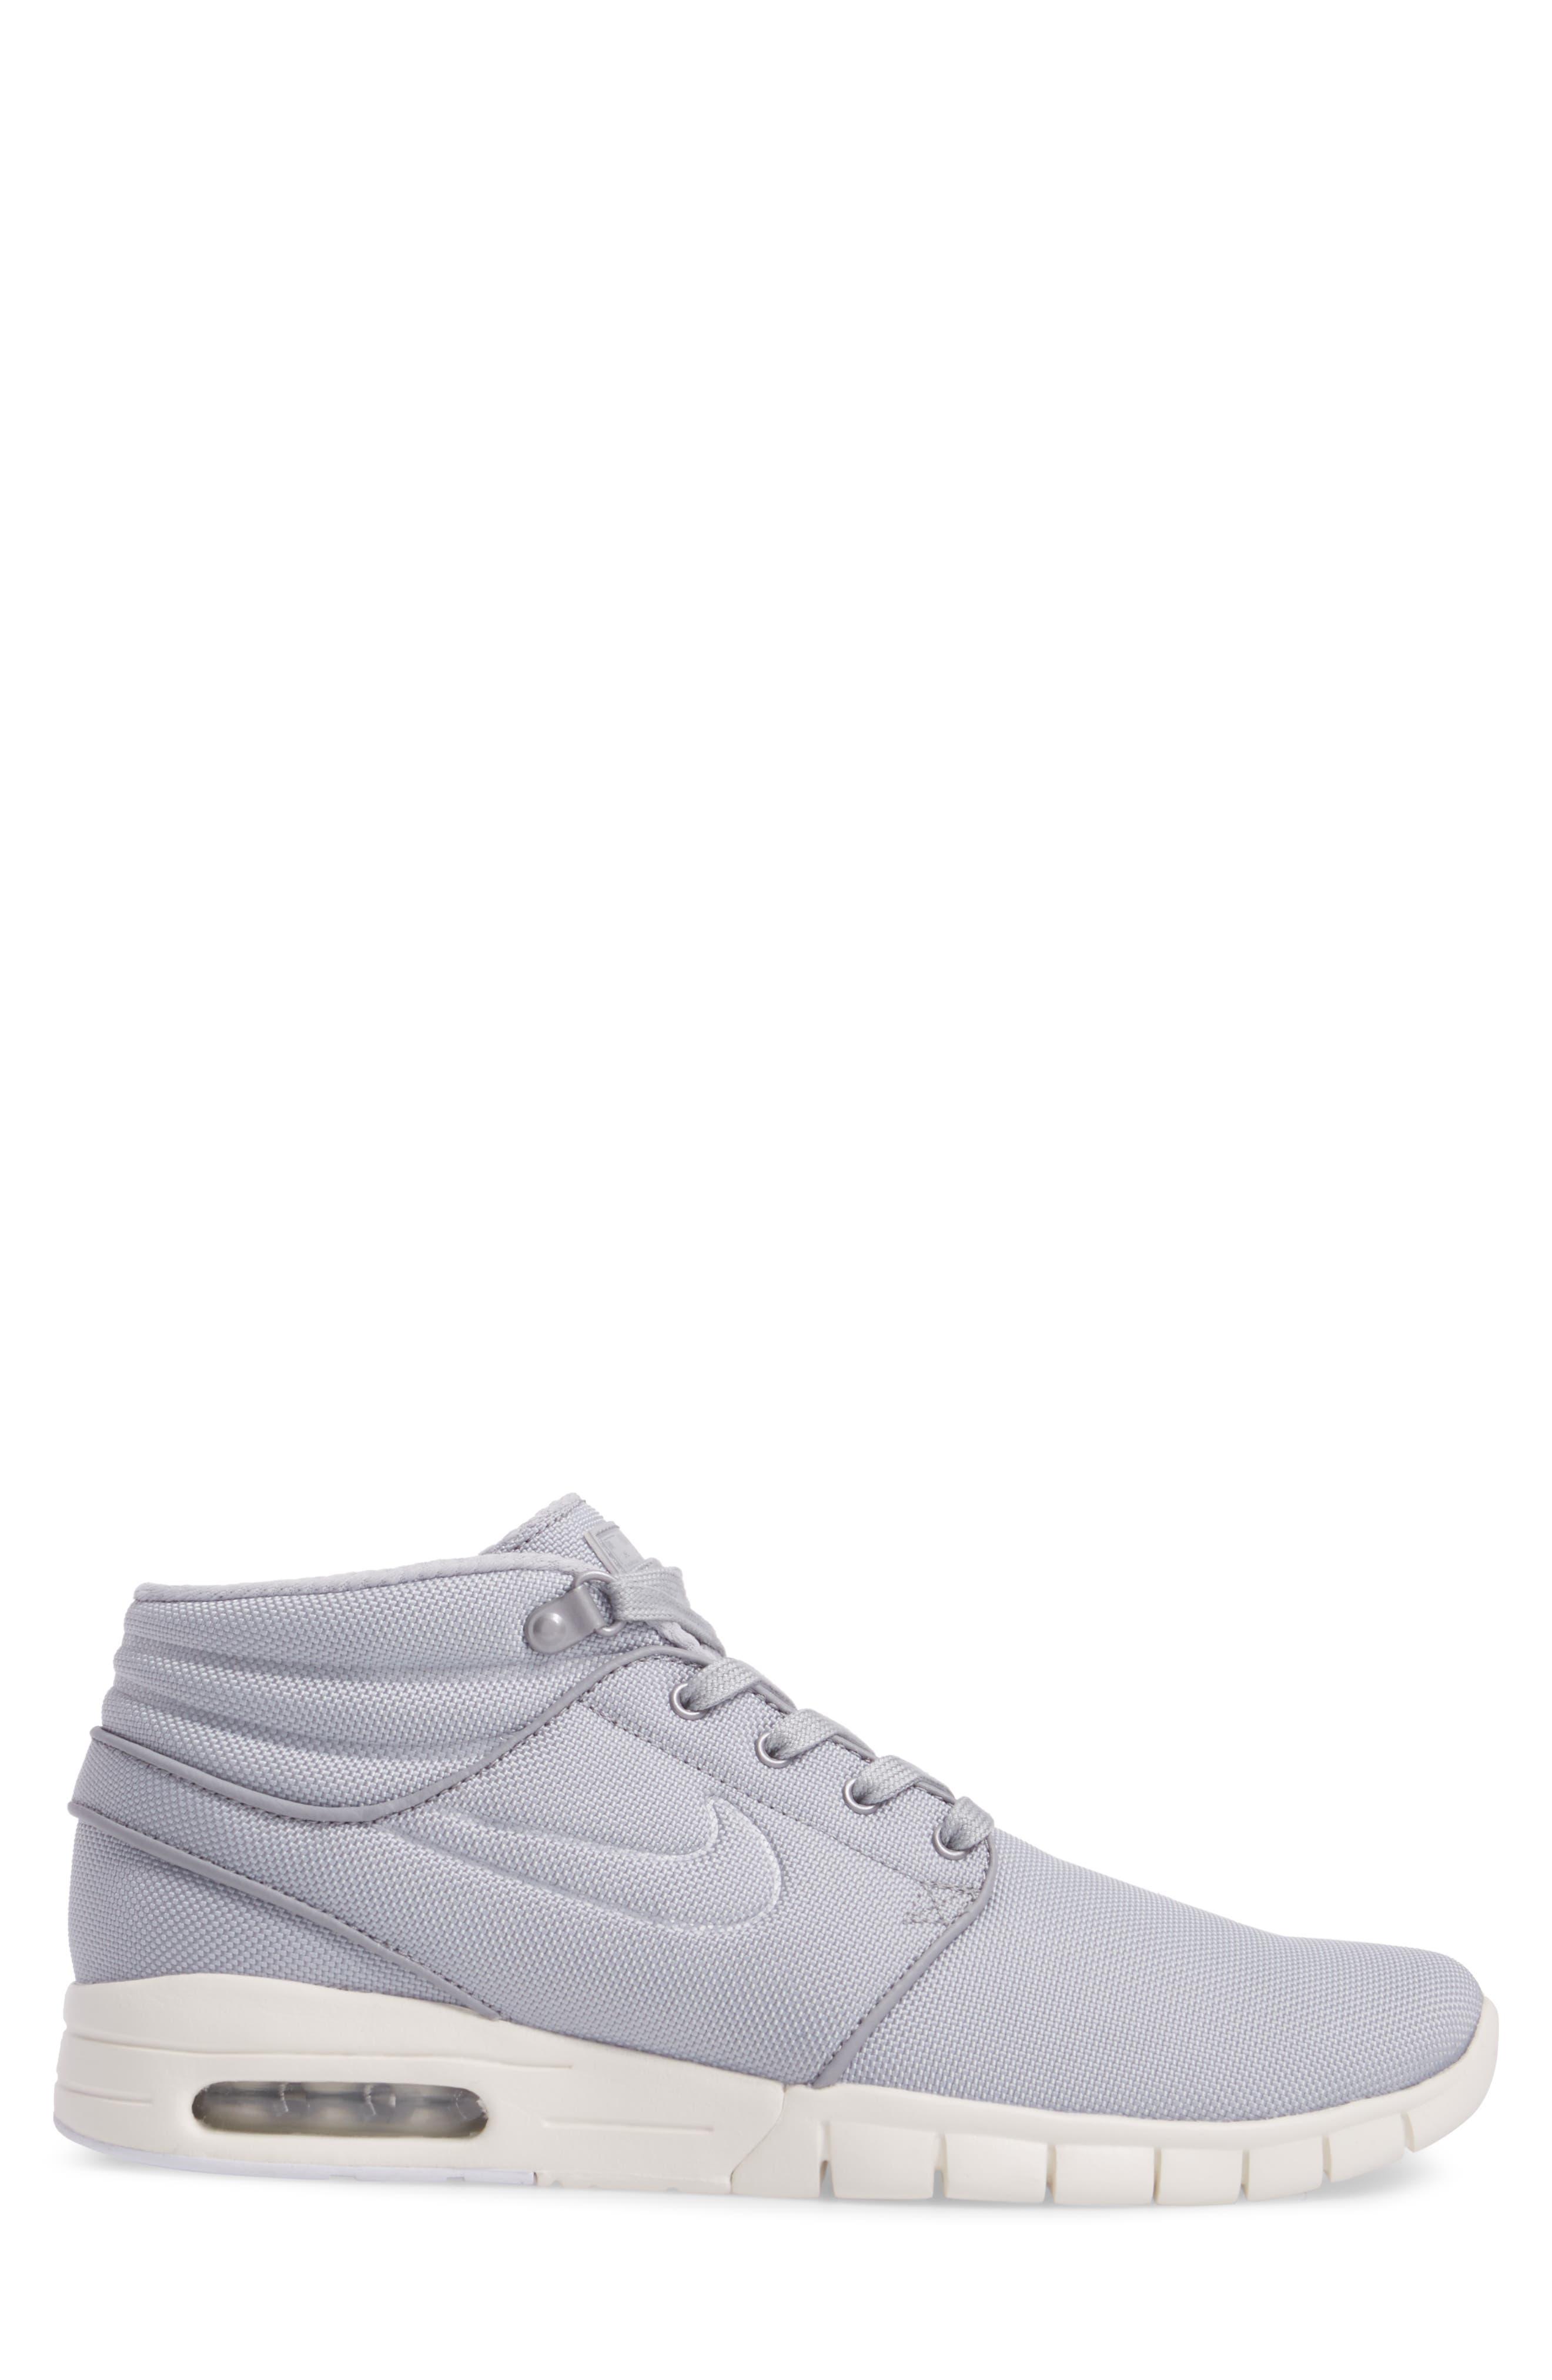 SB Stefan Janoski Max Mid Skate Shoe,                             Alternate thumbnail 31, color,